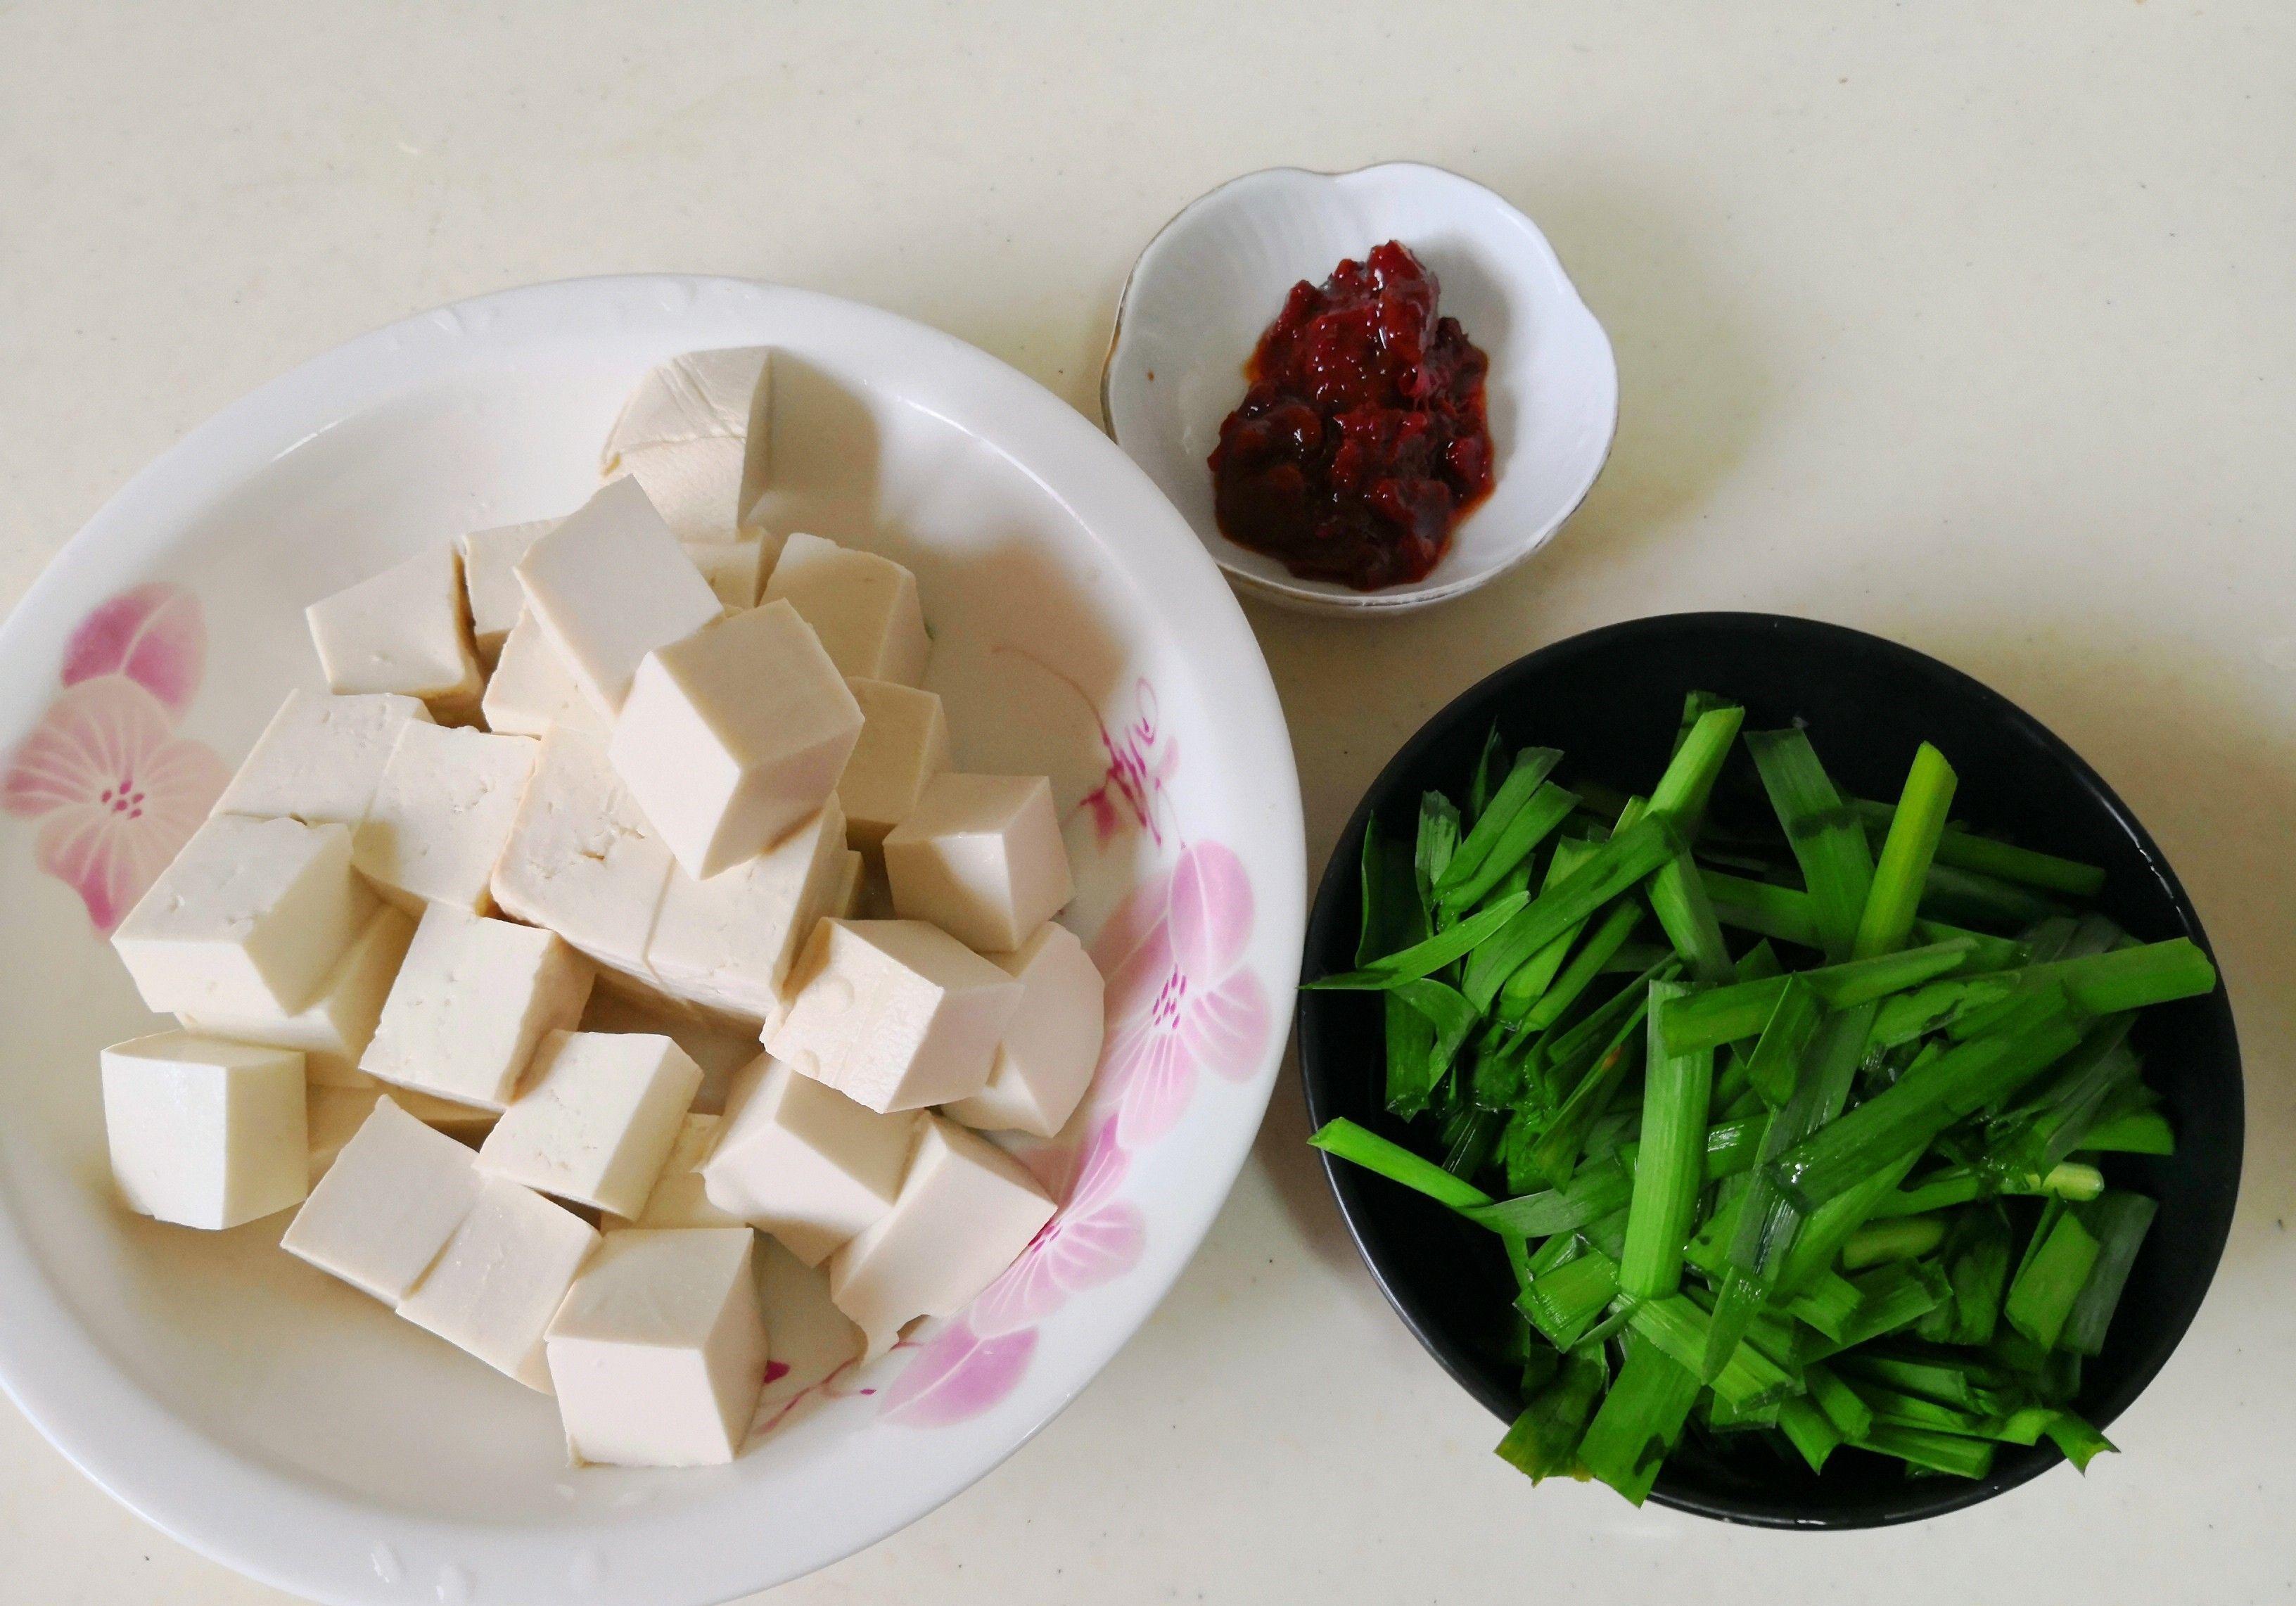 你一定不知道,韭菜和它天生是一对,它俩搭配,营养翻倍好吃翻倍